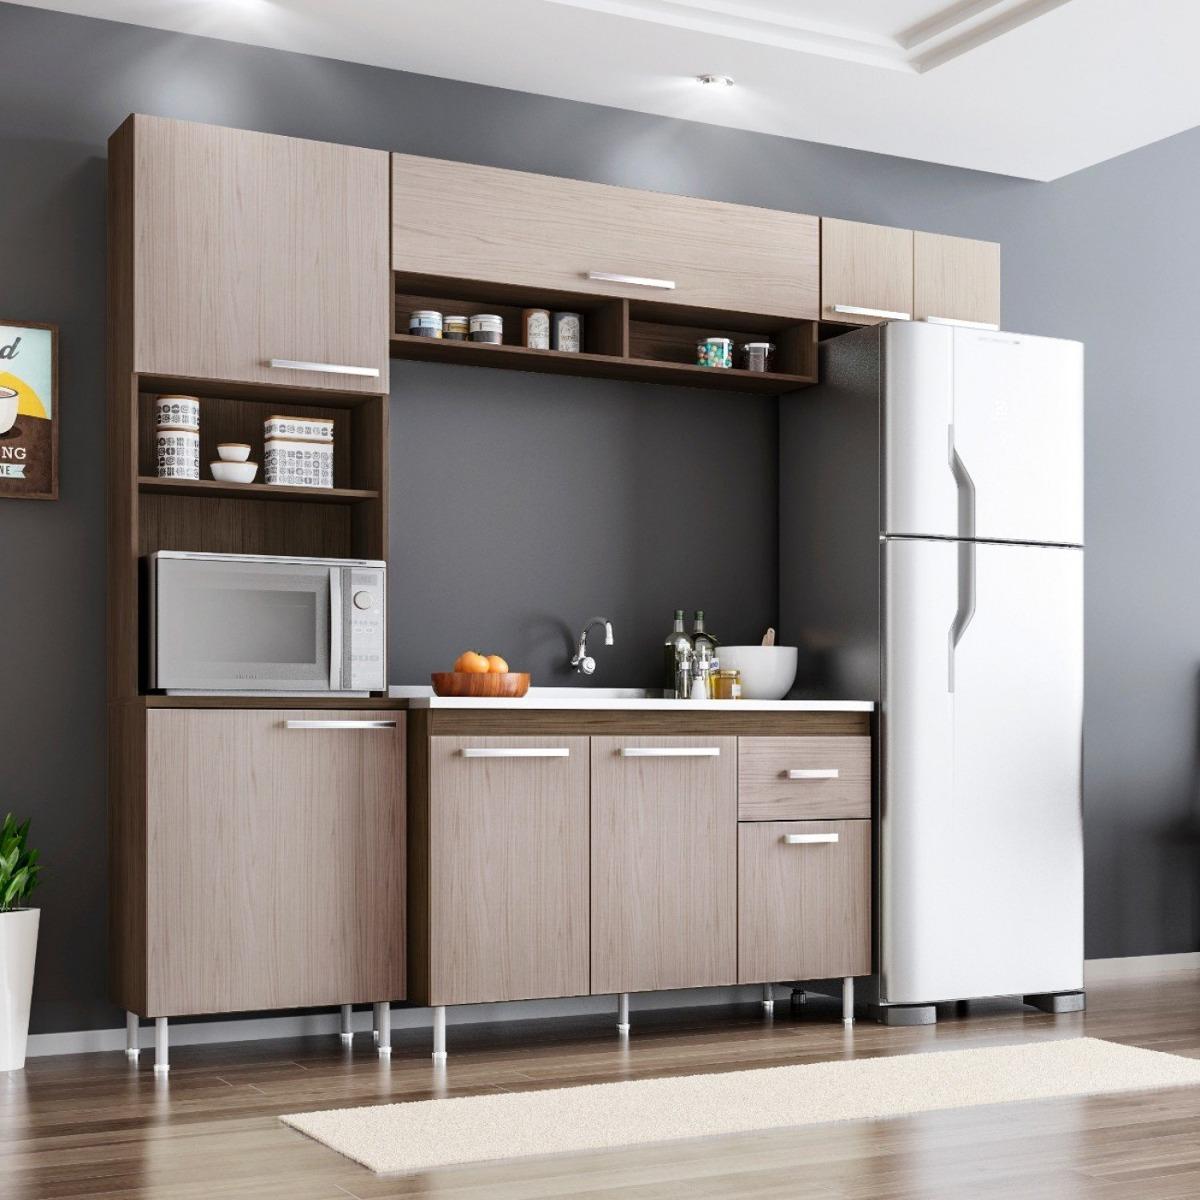 Projeto Cozinha Compacta Projeto Da Armario De Aco Para Cozinha